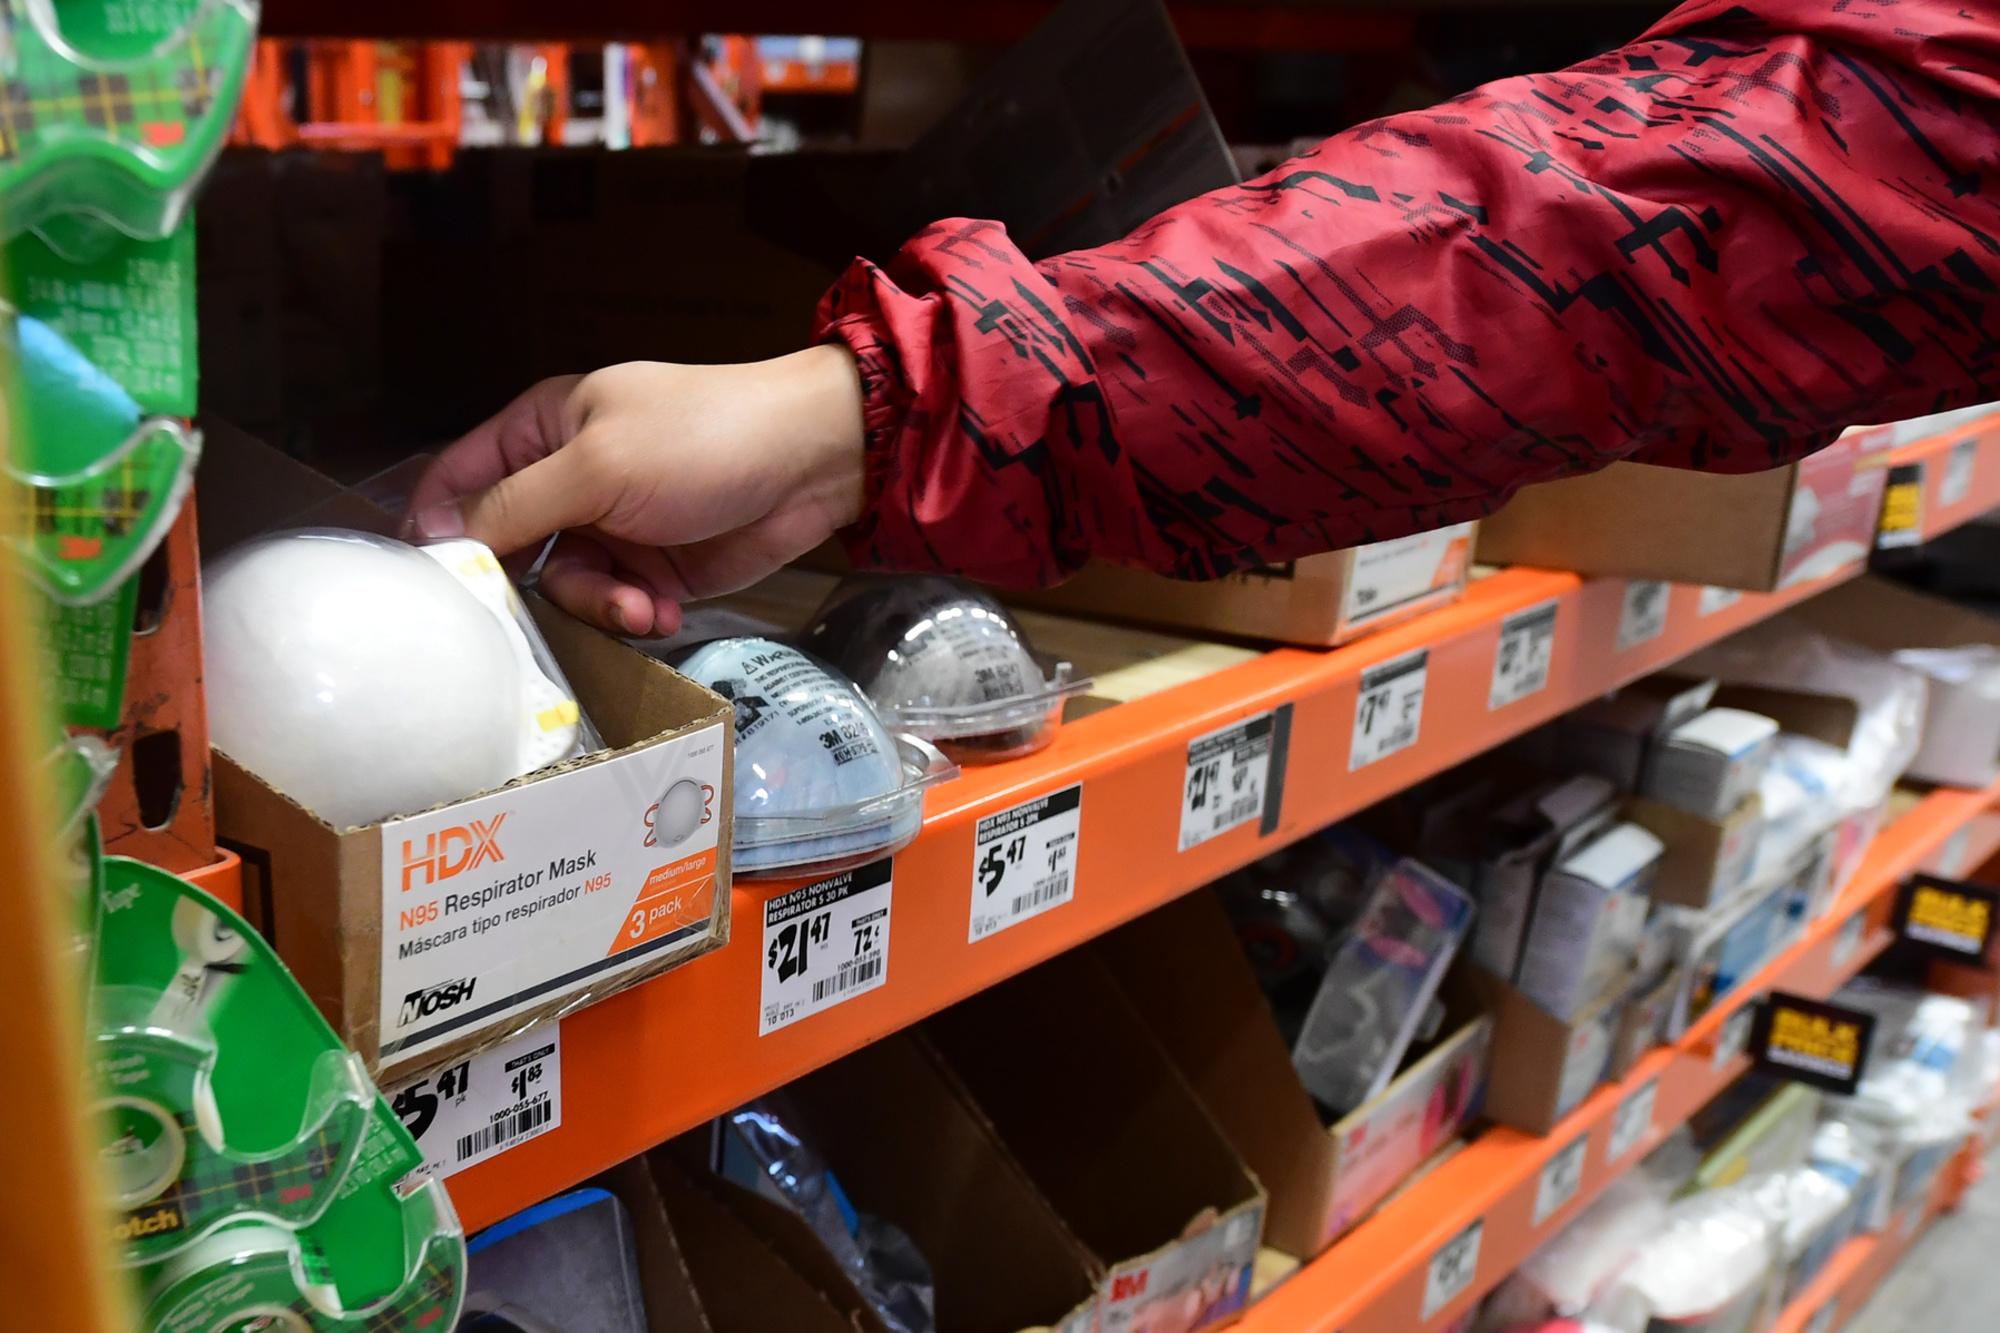 Même les magasins de bricolage commencent à afficher: rupture de stock., Frederic J. BROWN / AFP